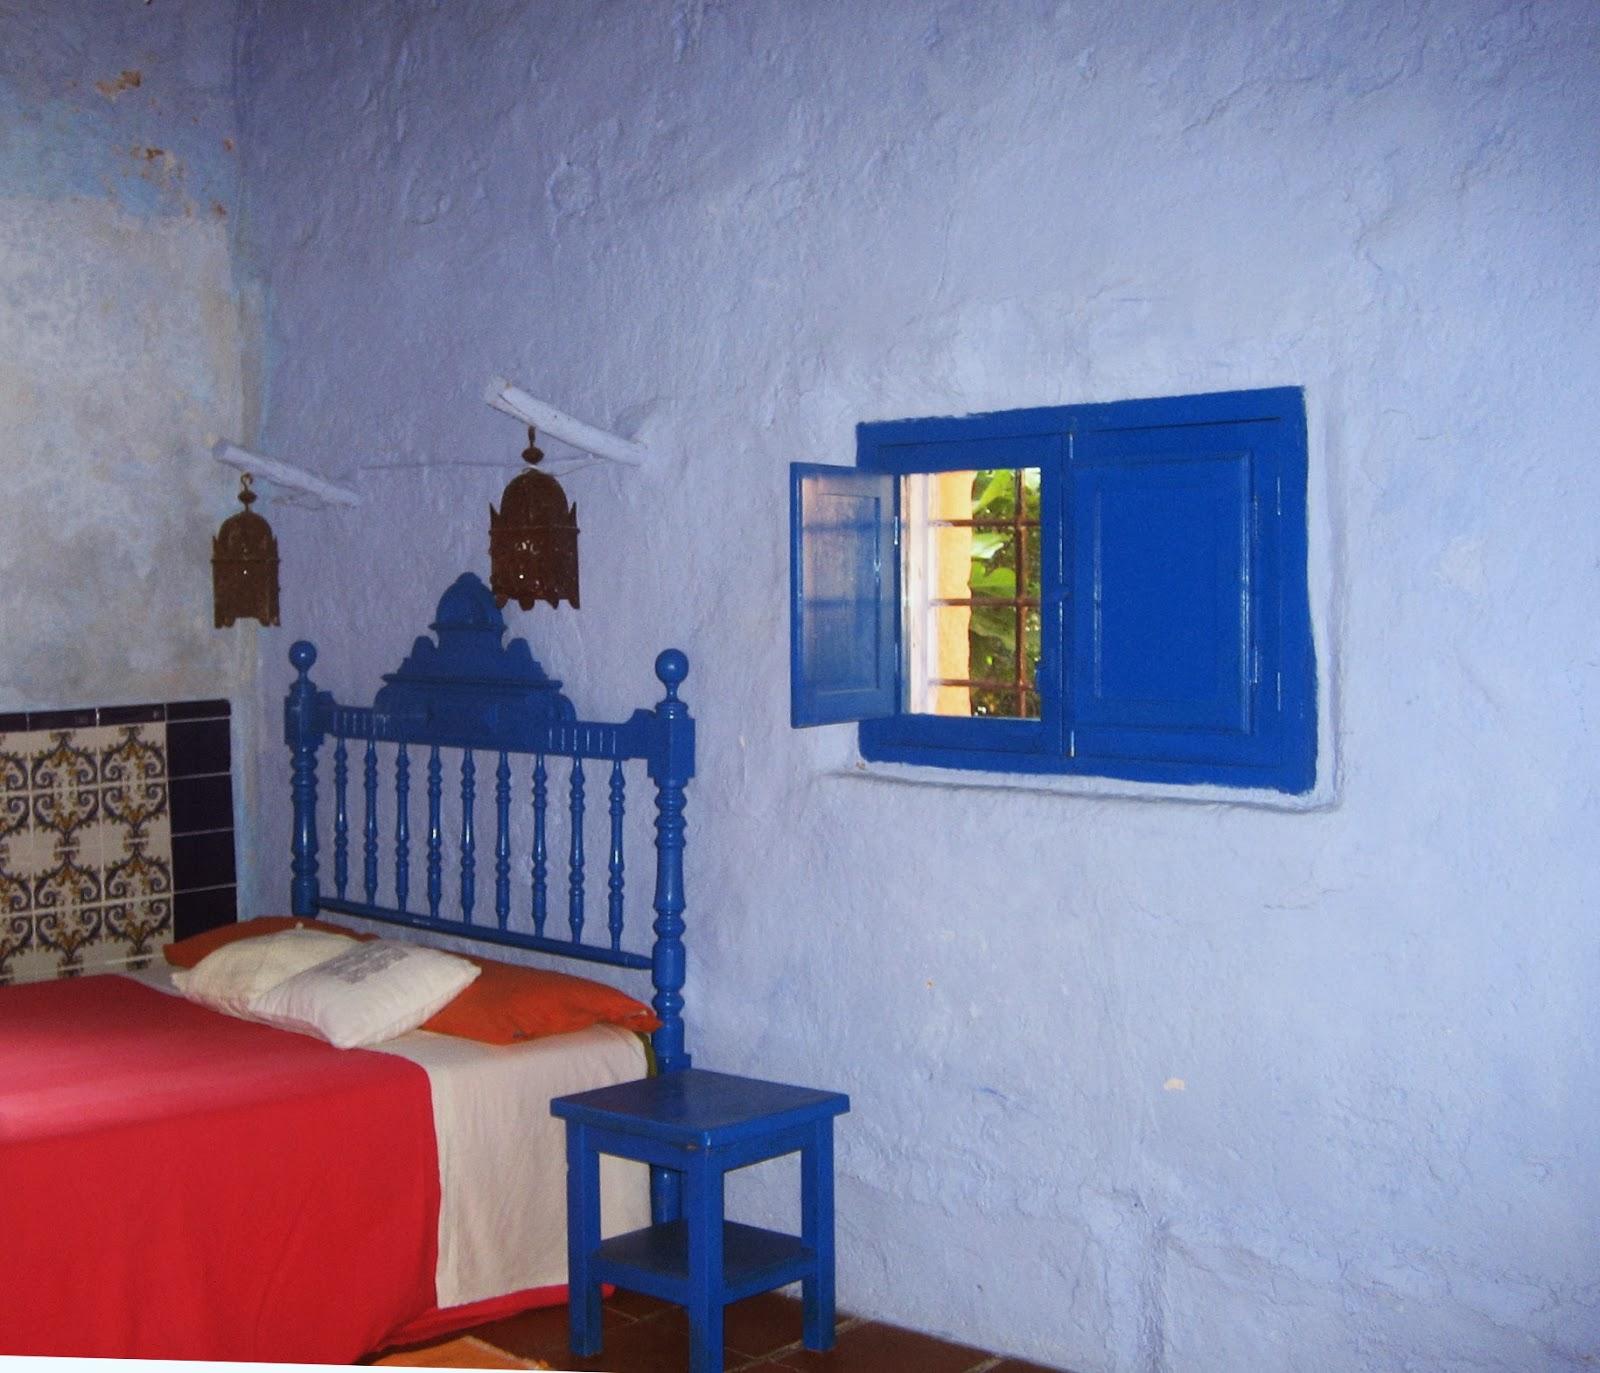 Casas Pintadas De Azul Casas Pintadas Con Blanco Casas Pintadas De - Paredes-pintadas-de-azul